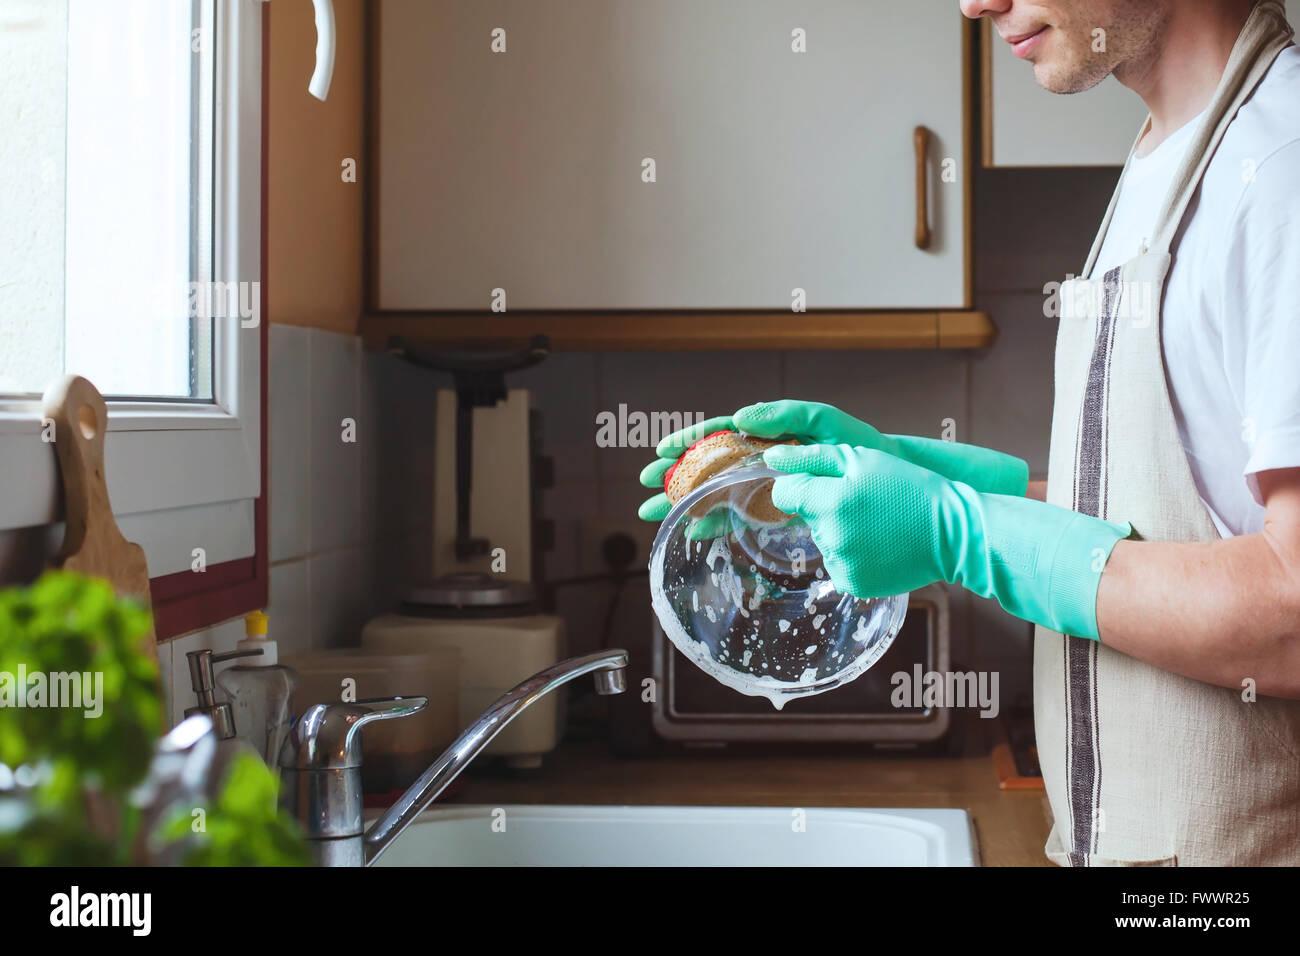 L'homme lave la vaisselle dans l'évier de cuisine à la maison, près des mains avec du savon et une éponge, ménage Banque D'Images